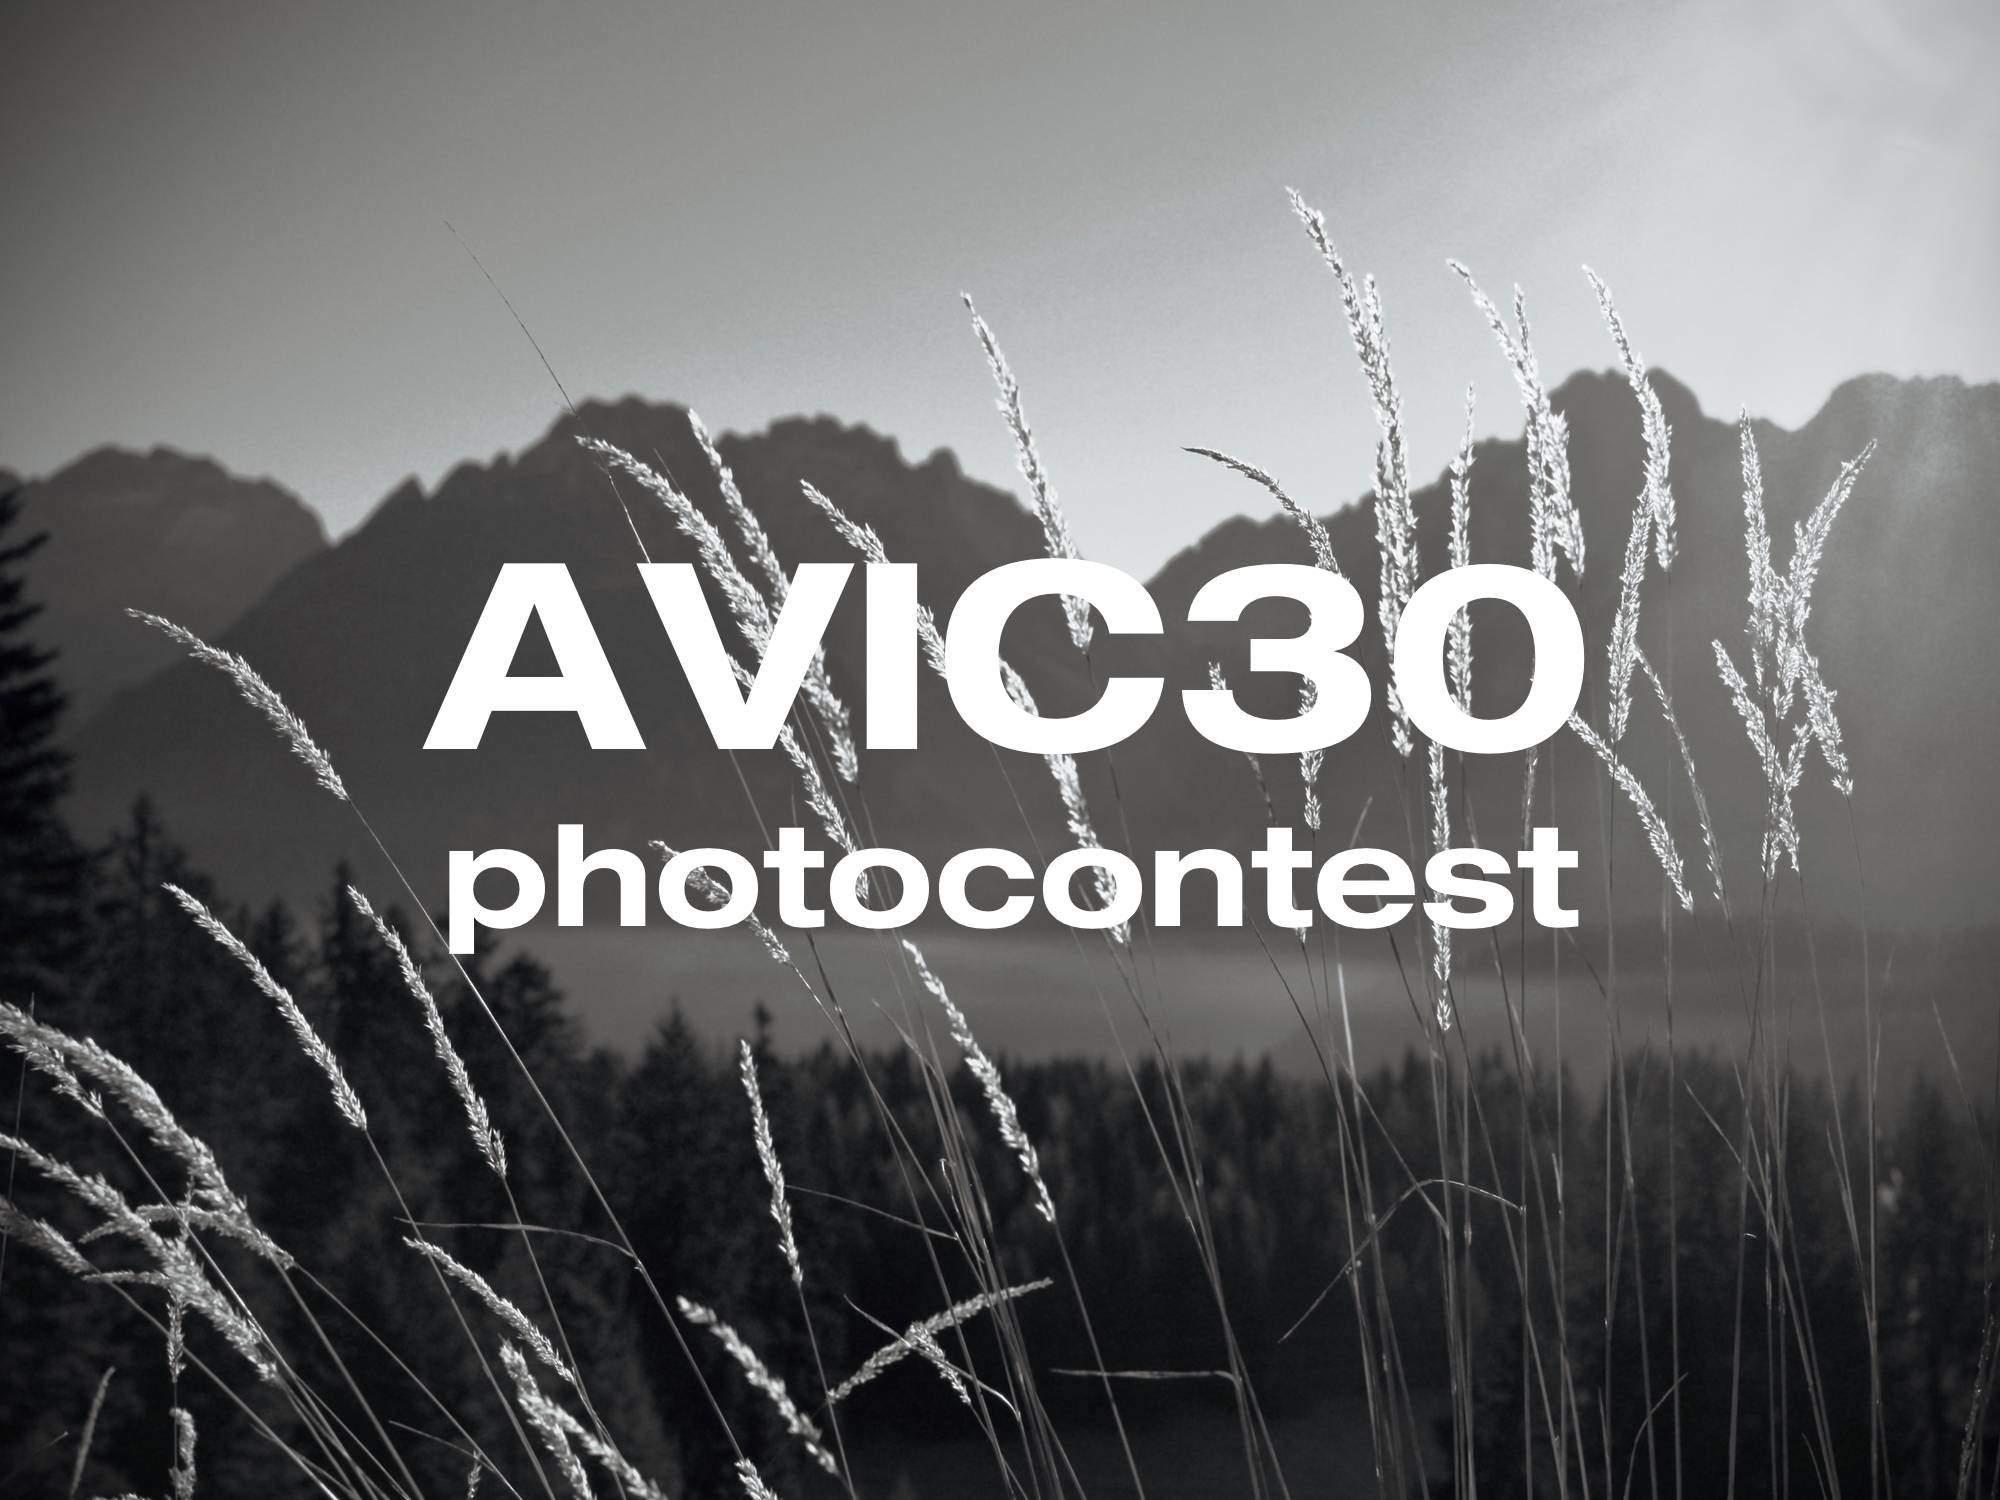 avic30photocontest Ente Parco Naturale Mont Avic